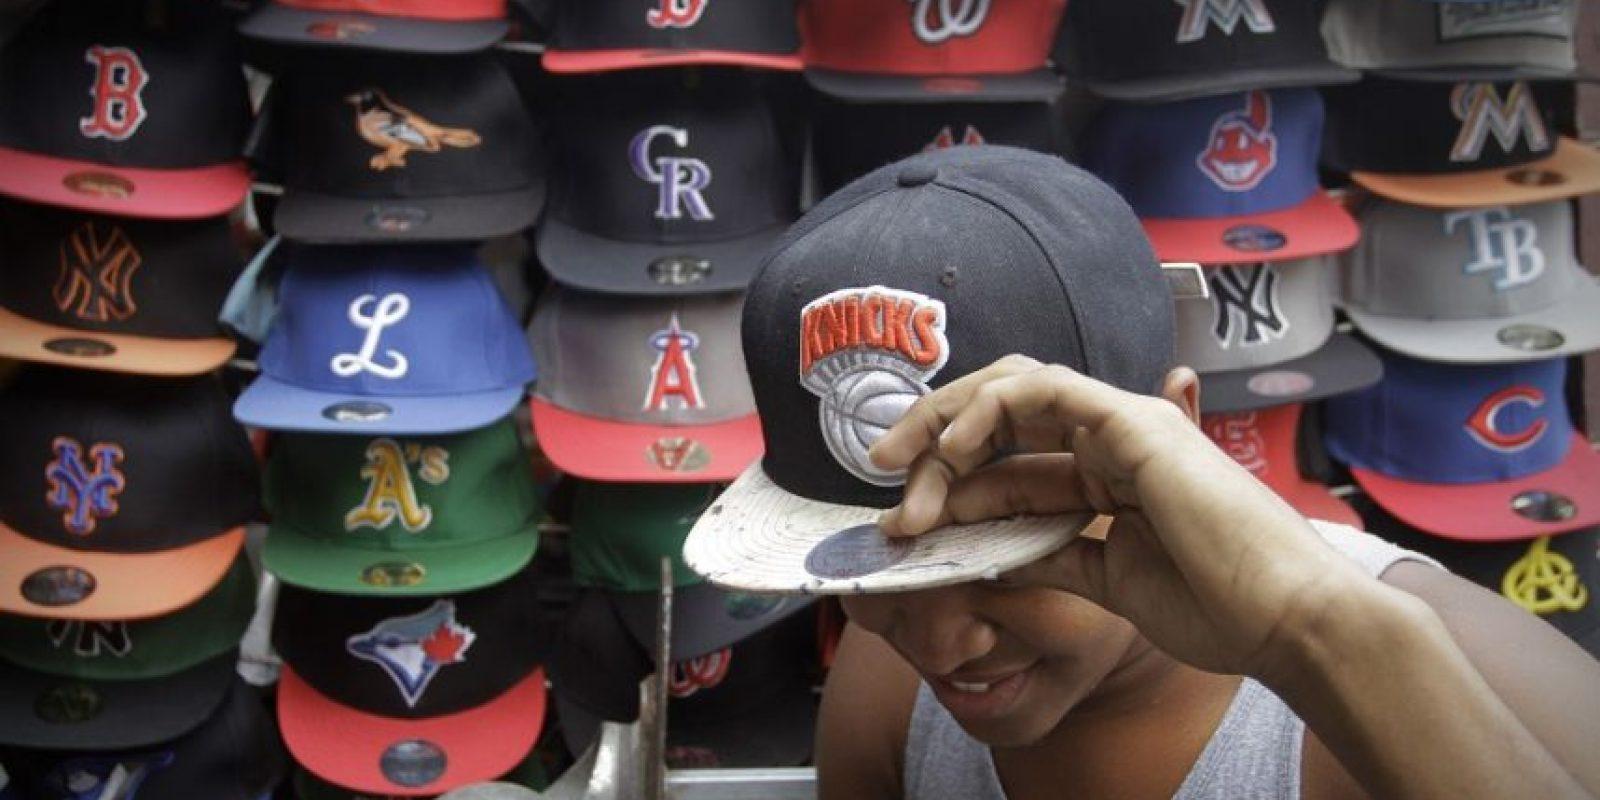 """Quienes disponen de menos recursos prefieren comprar las """"gorras de mallitas"""". Foto:Roberto Guzmán"""